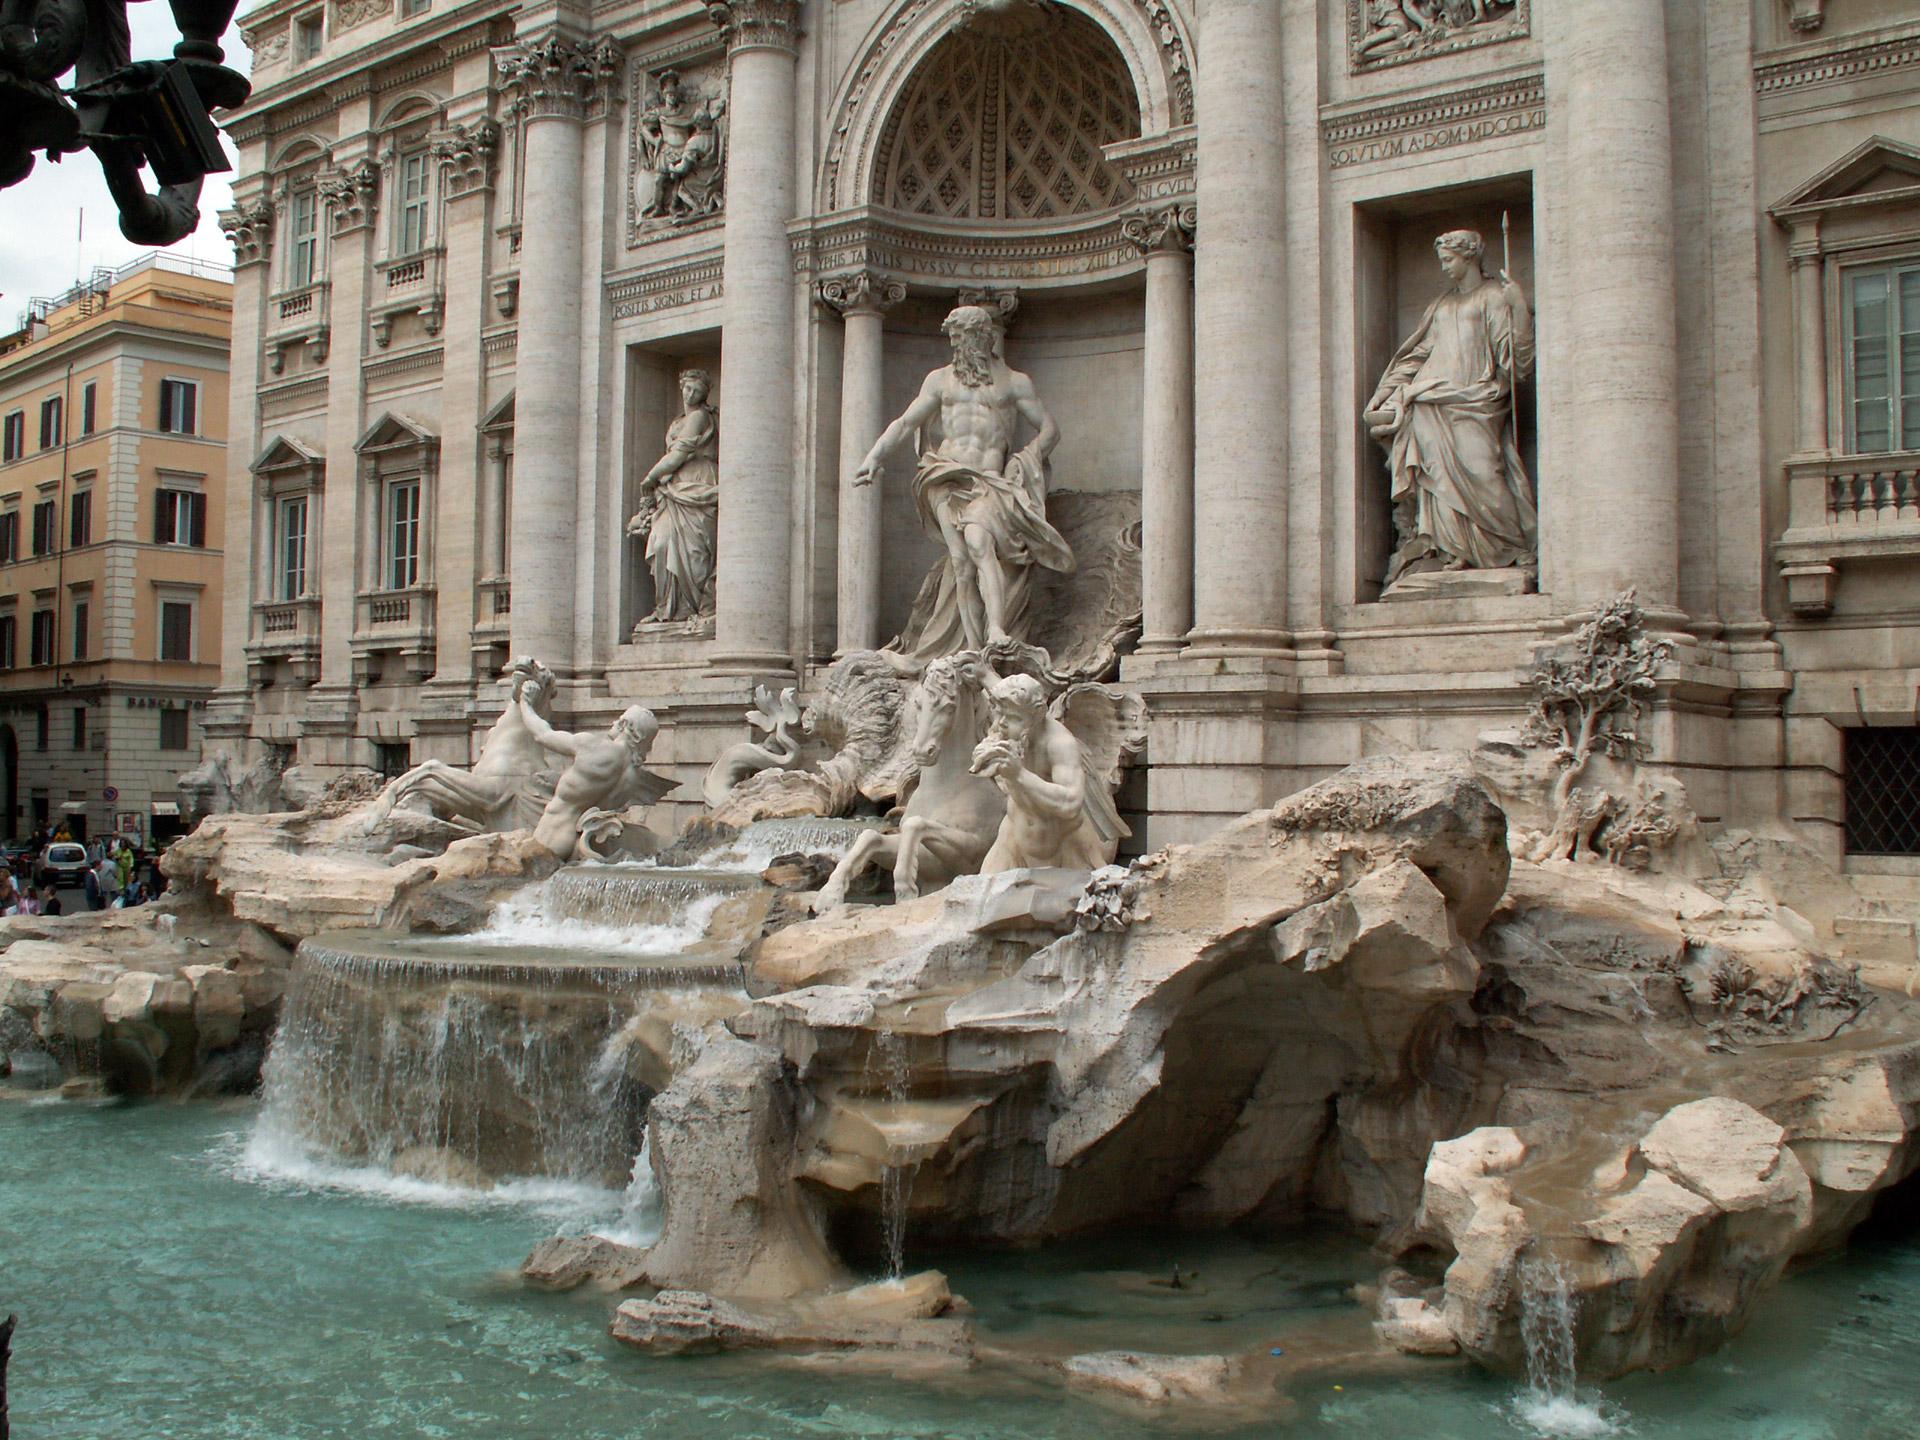 Hành trình khám phá Châu Âu 10N9Đ - Đài phun nước Trevi Fountain